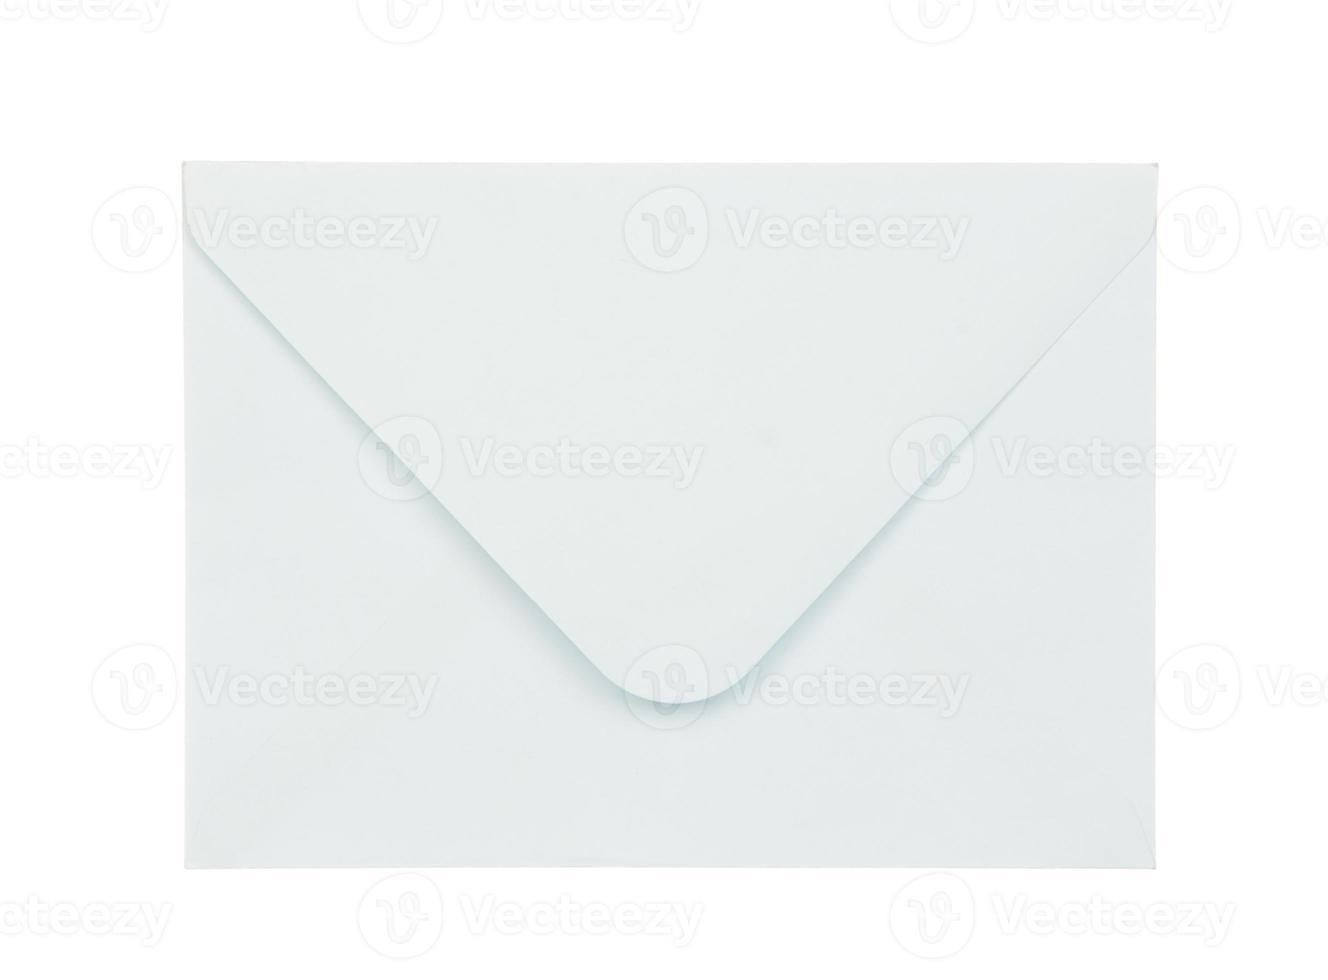 Umschlag isoliert auf weiß foto